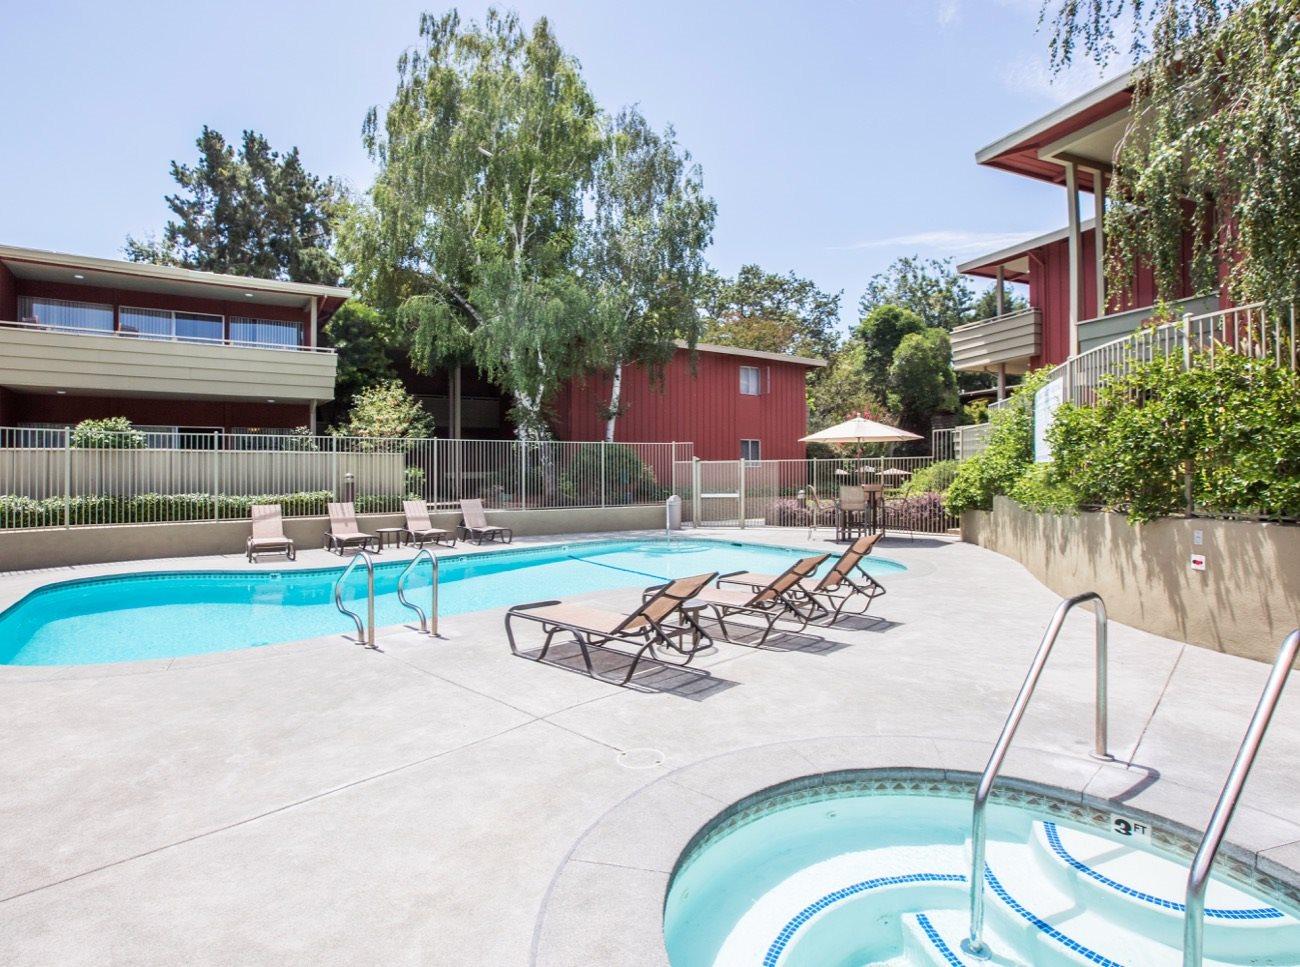 bay-tree-los-gatos-apartments-pool-spa